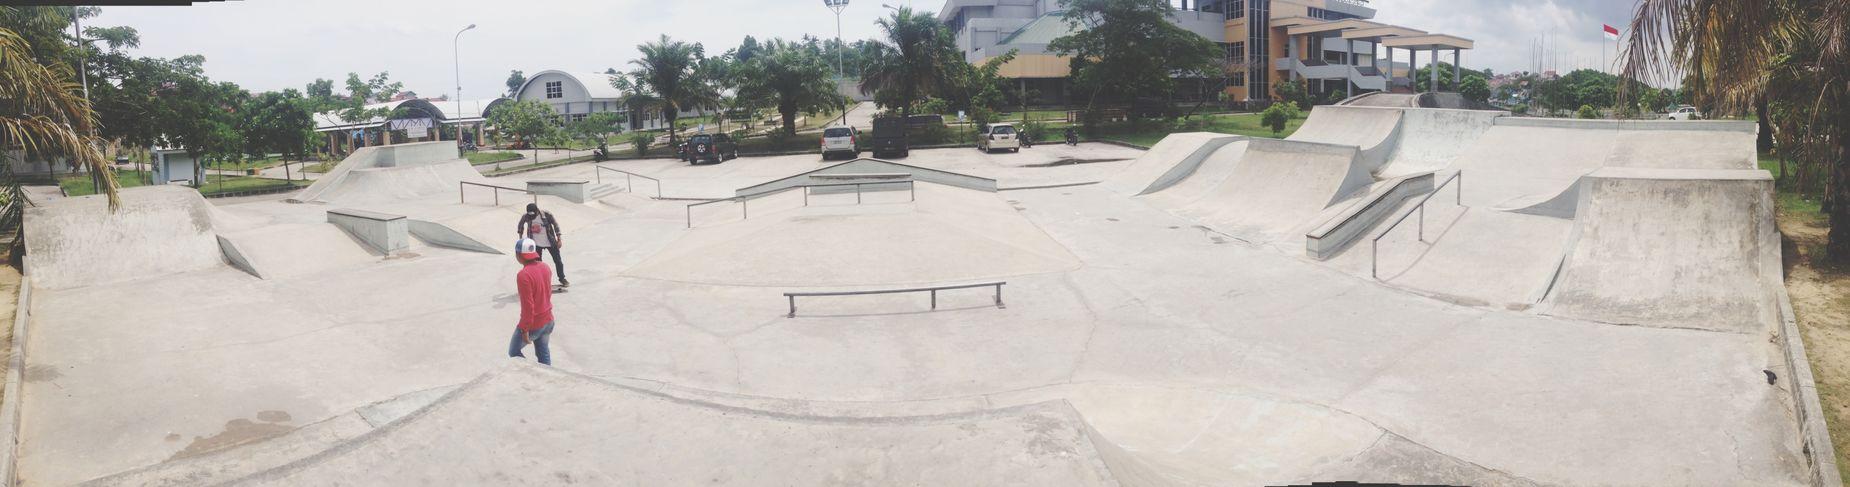 Skateboarding Skatepark Balikpapan Mandau